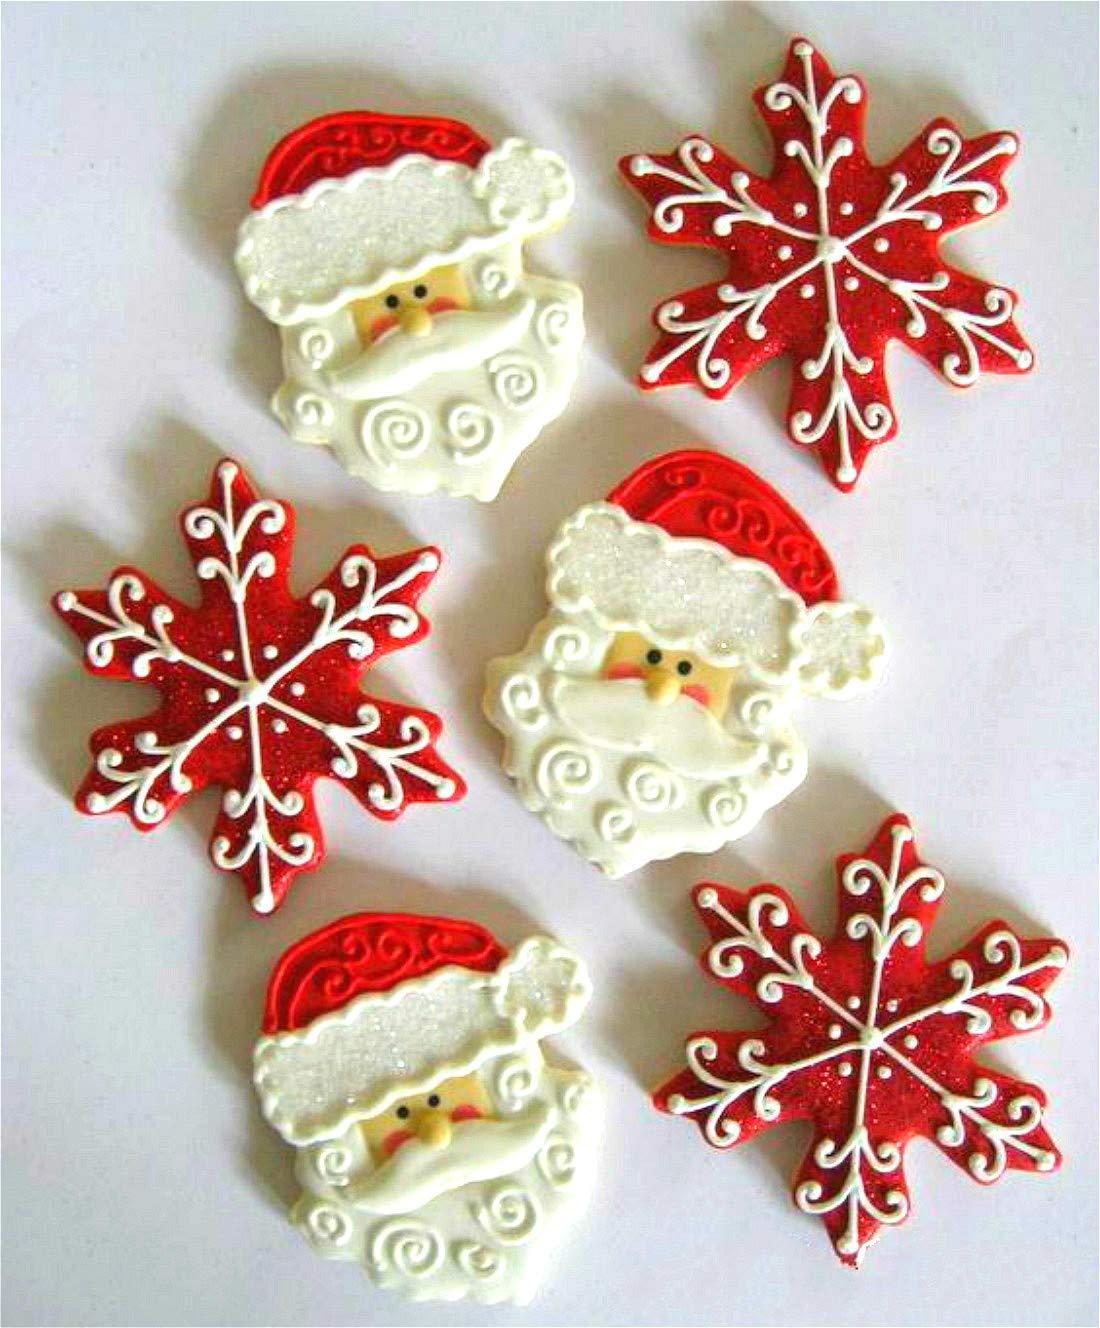 KENIAO Navidad Cortadores Galletas Invierno Moldes para Galletas - 8 Piezas - Copo de Nieve, Bastón de caramelo, Monigote de nieve, Mitónárbol de Navidad, ...